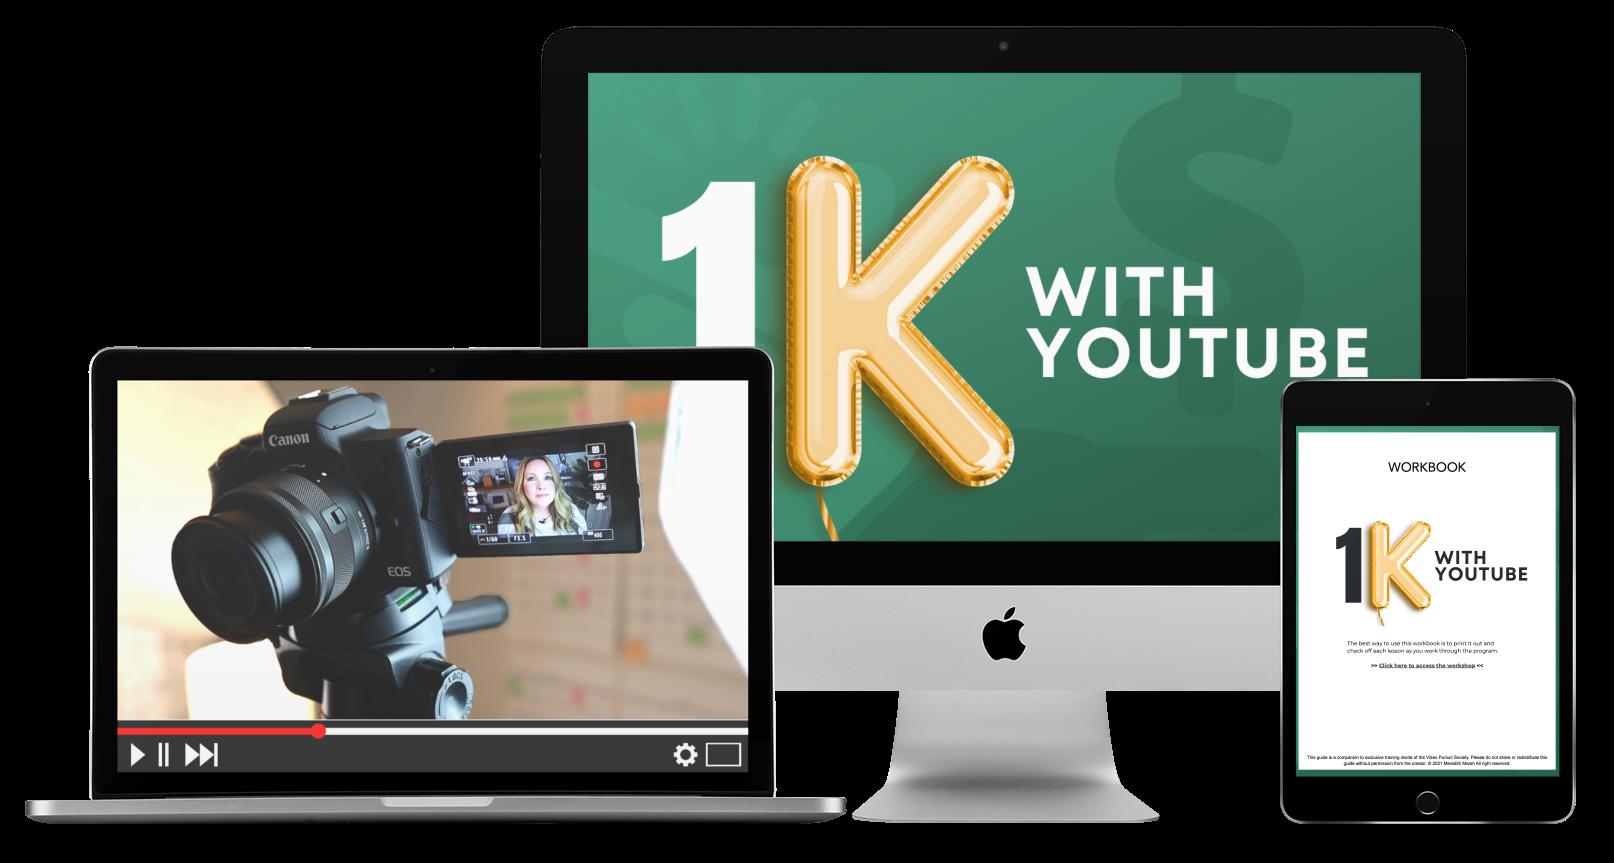 1k Workshop Image